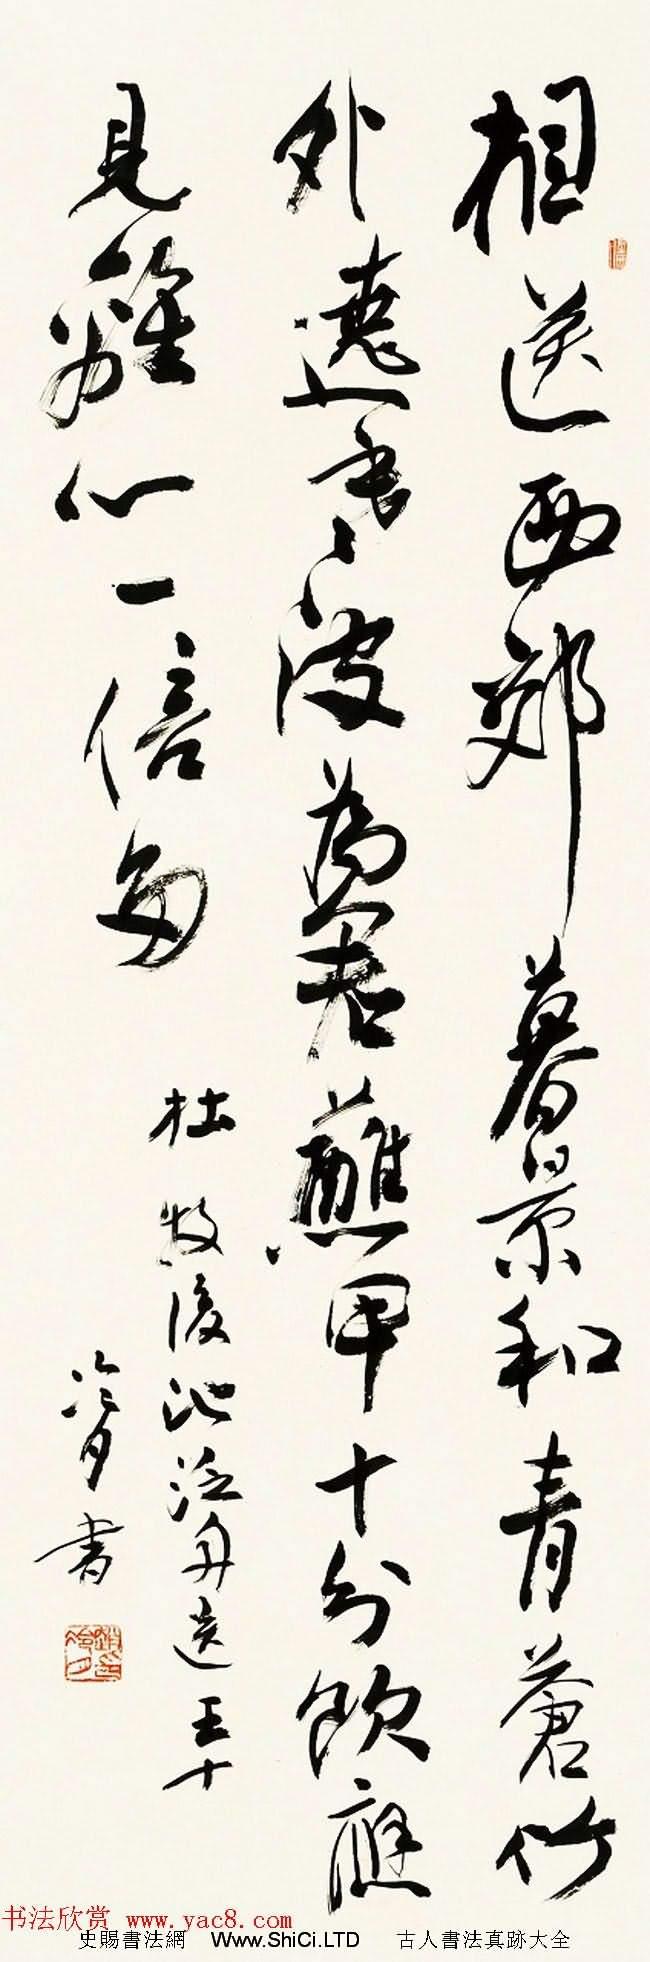 原上海書協顧問趙冷月書法作品欣賞